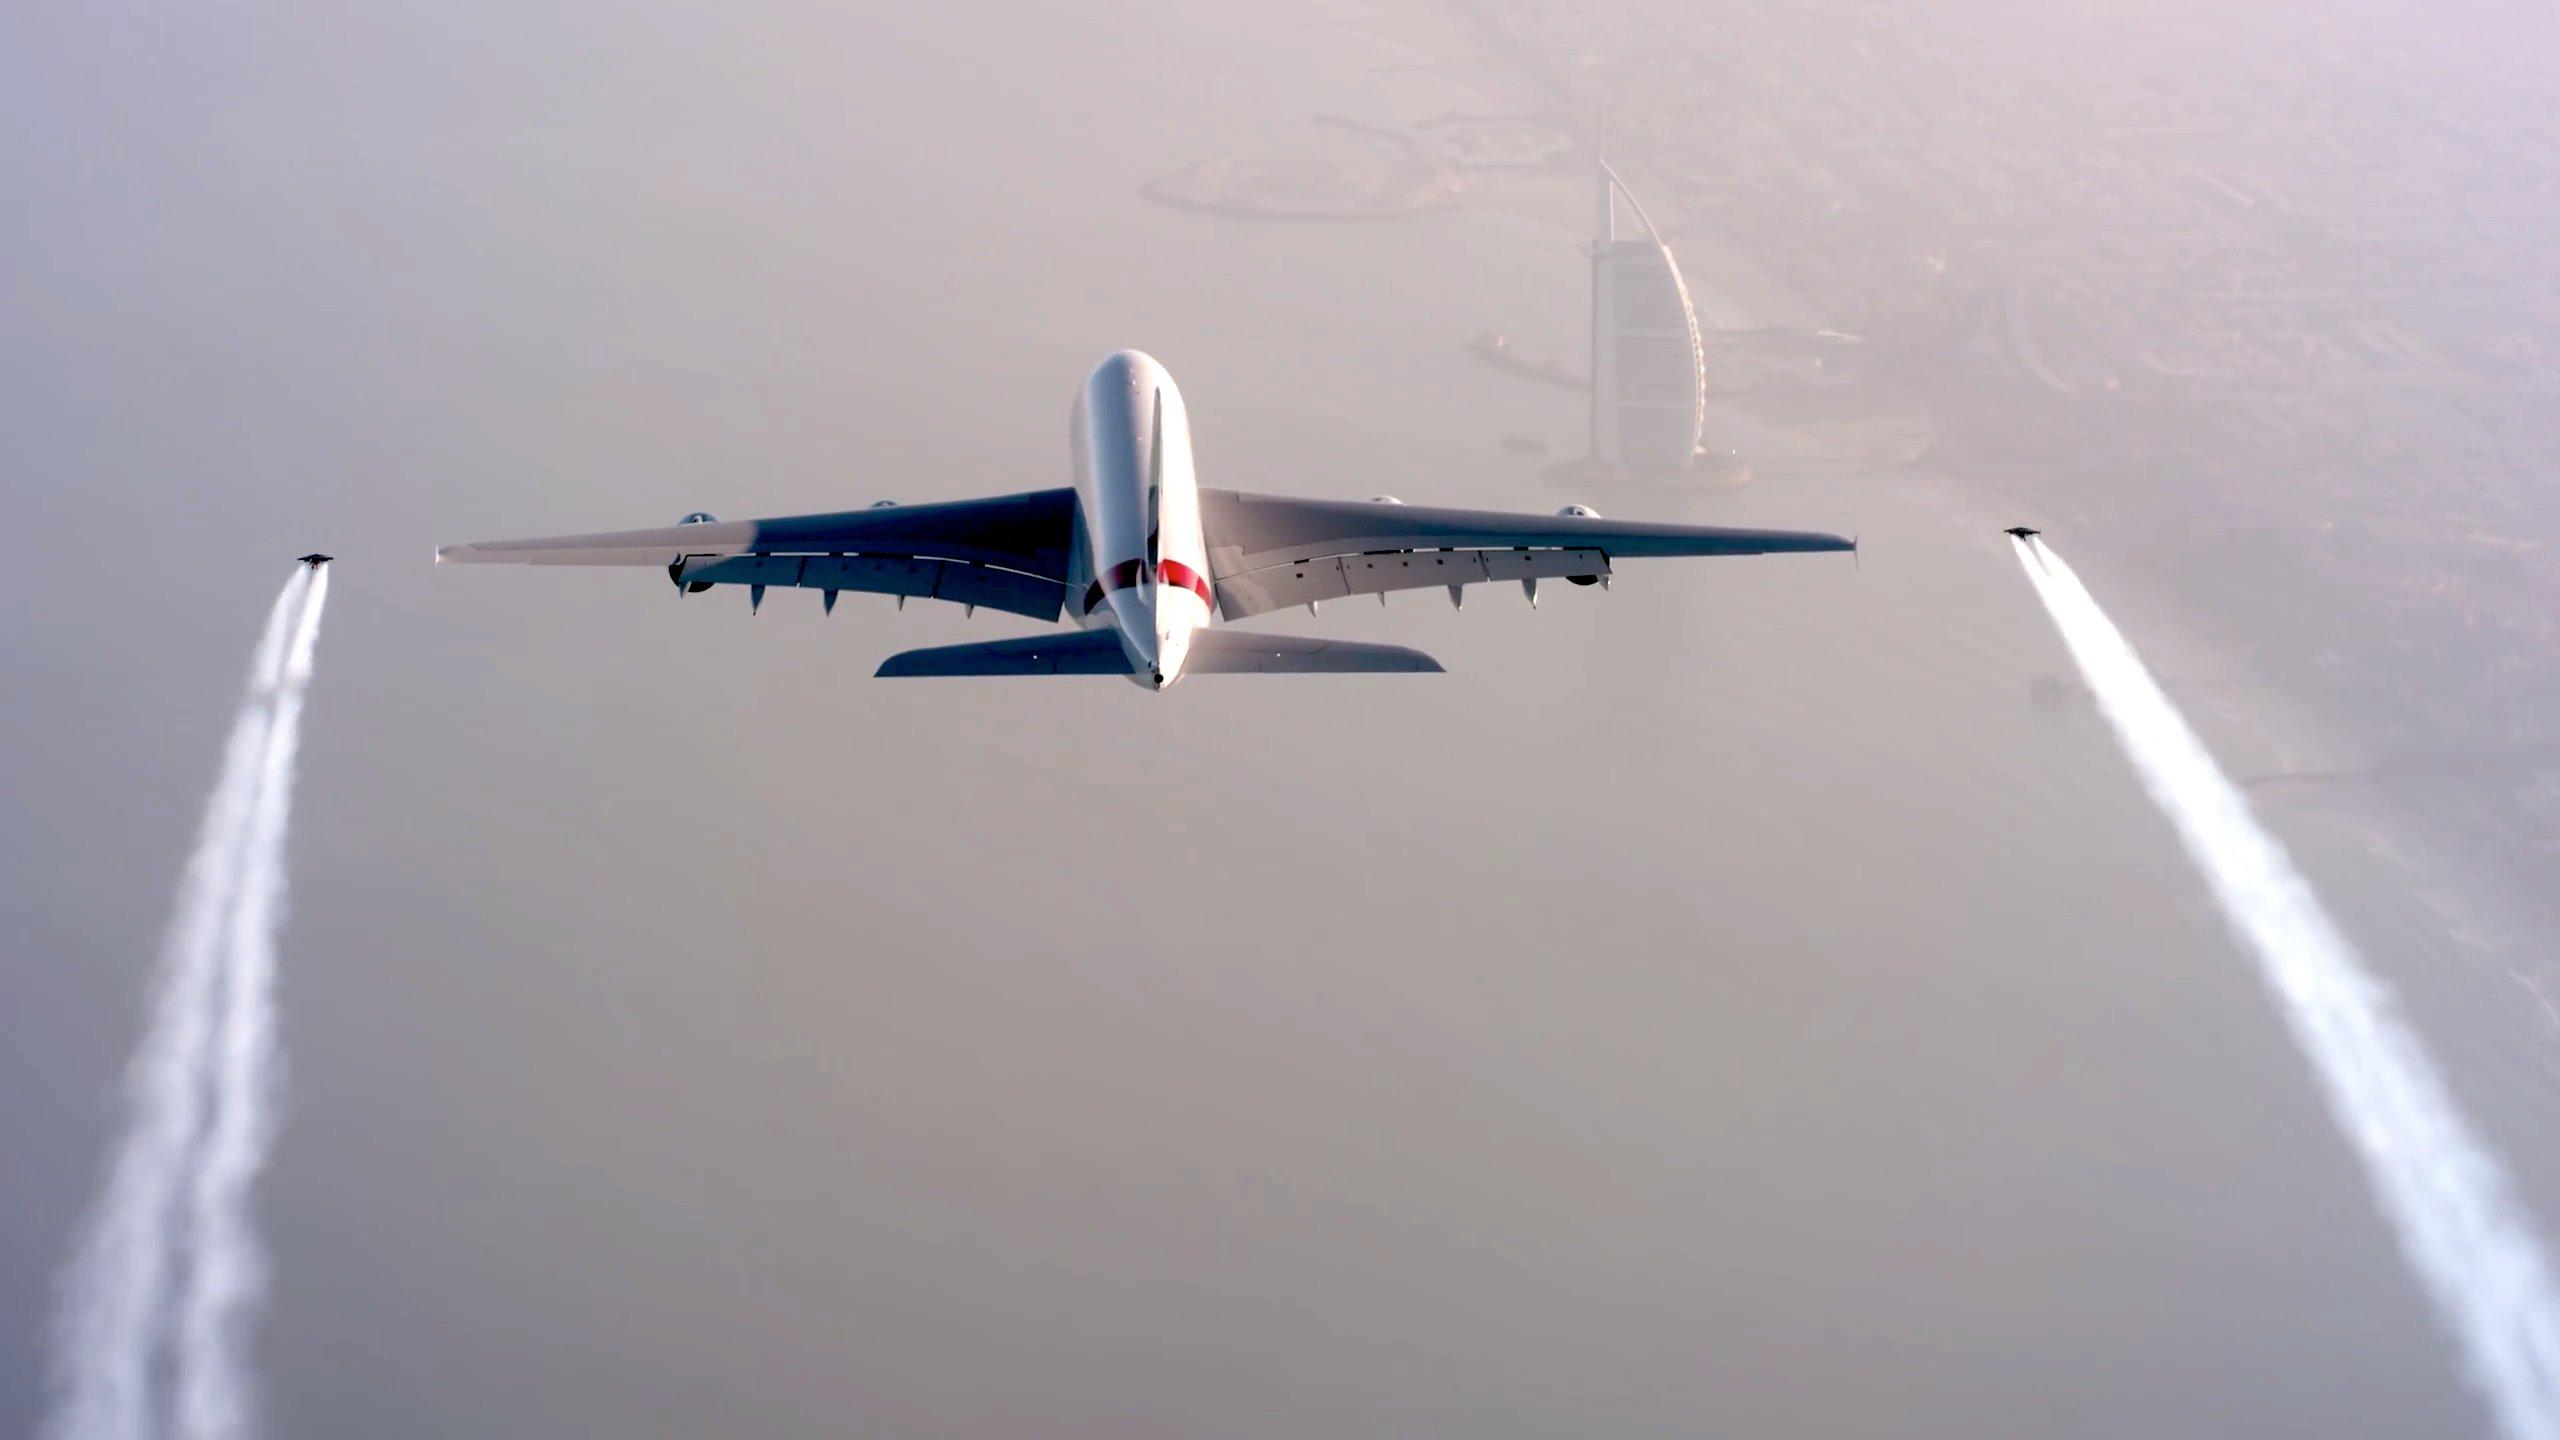 Fantastische Choreographie:Yves Rossy und Vince Reffet fliegen links und rechts neben den Tragflächen des riesigen Airbus'.